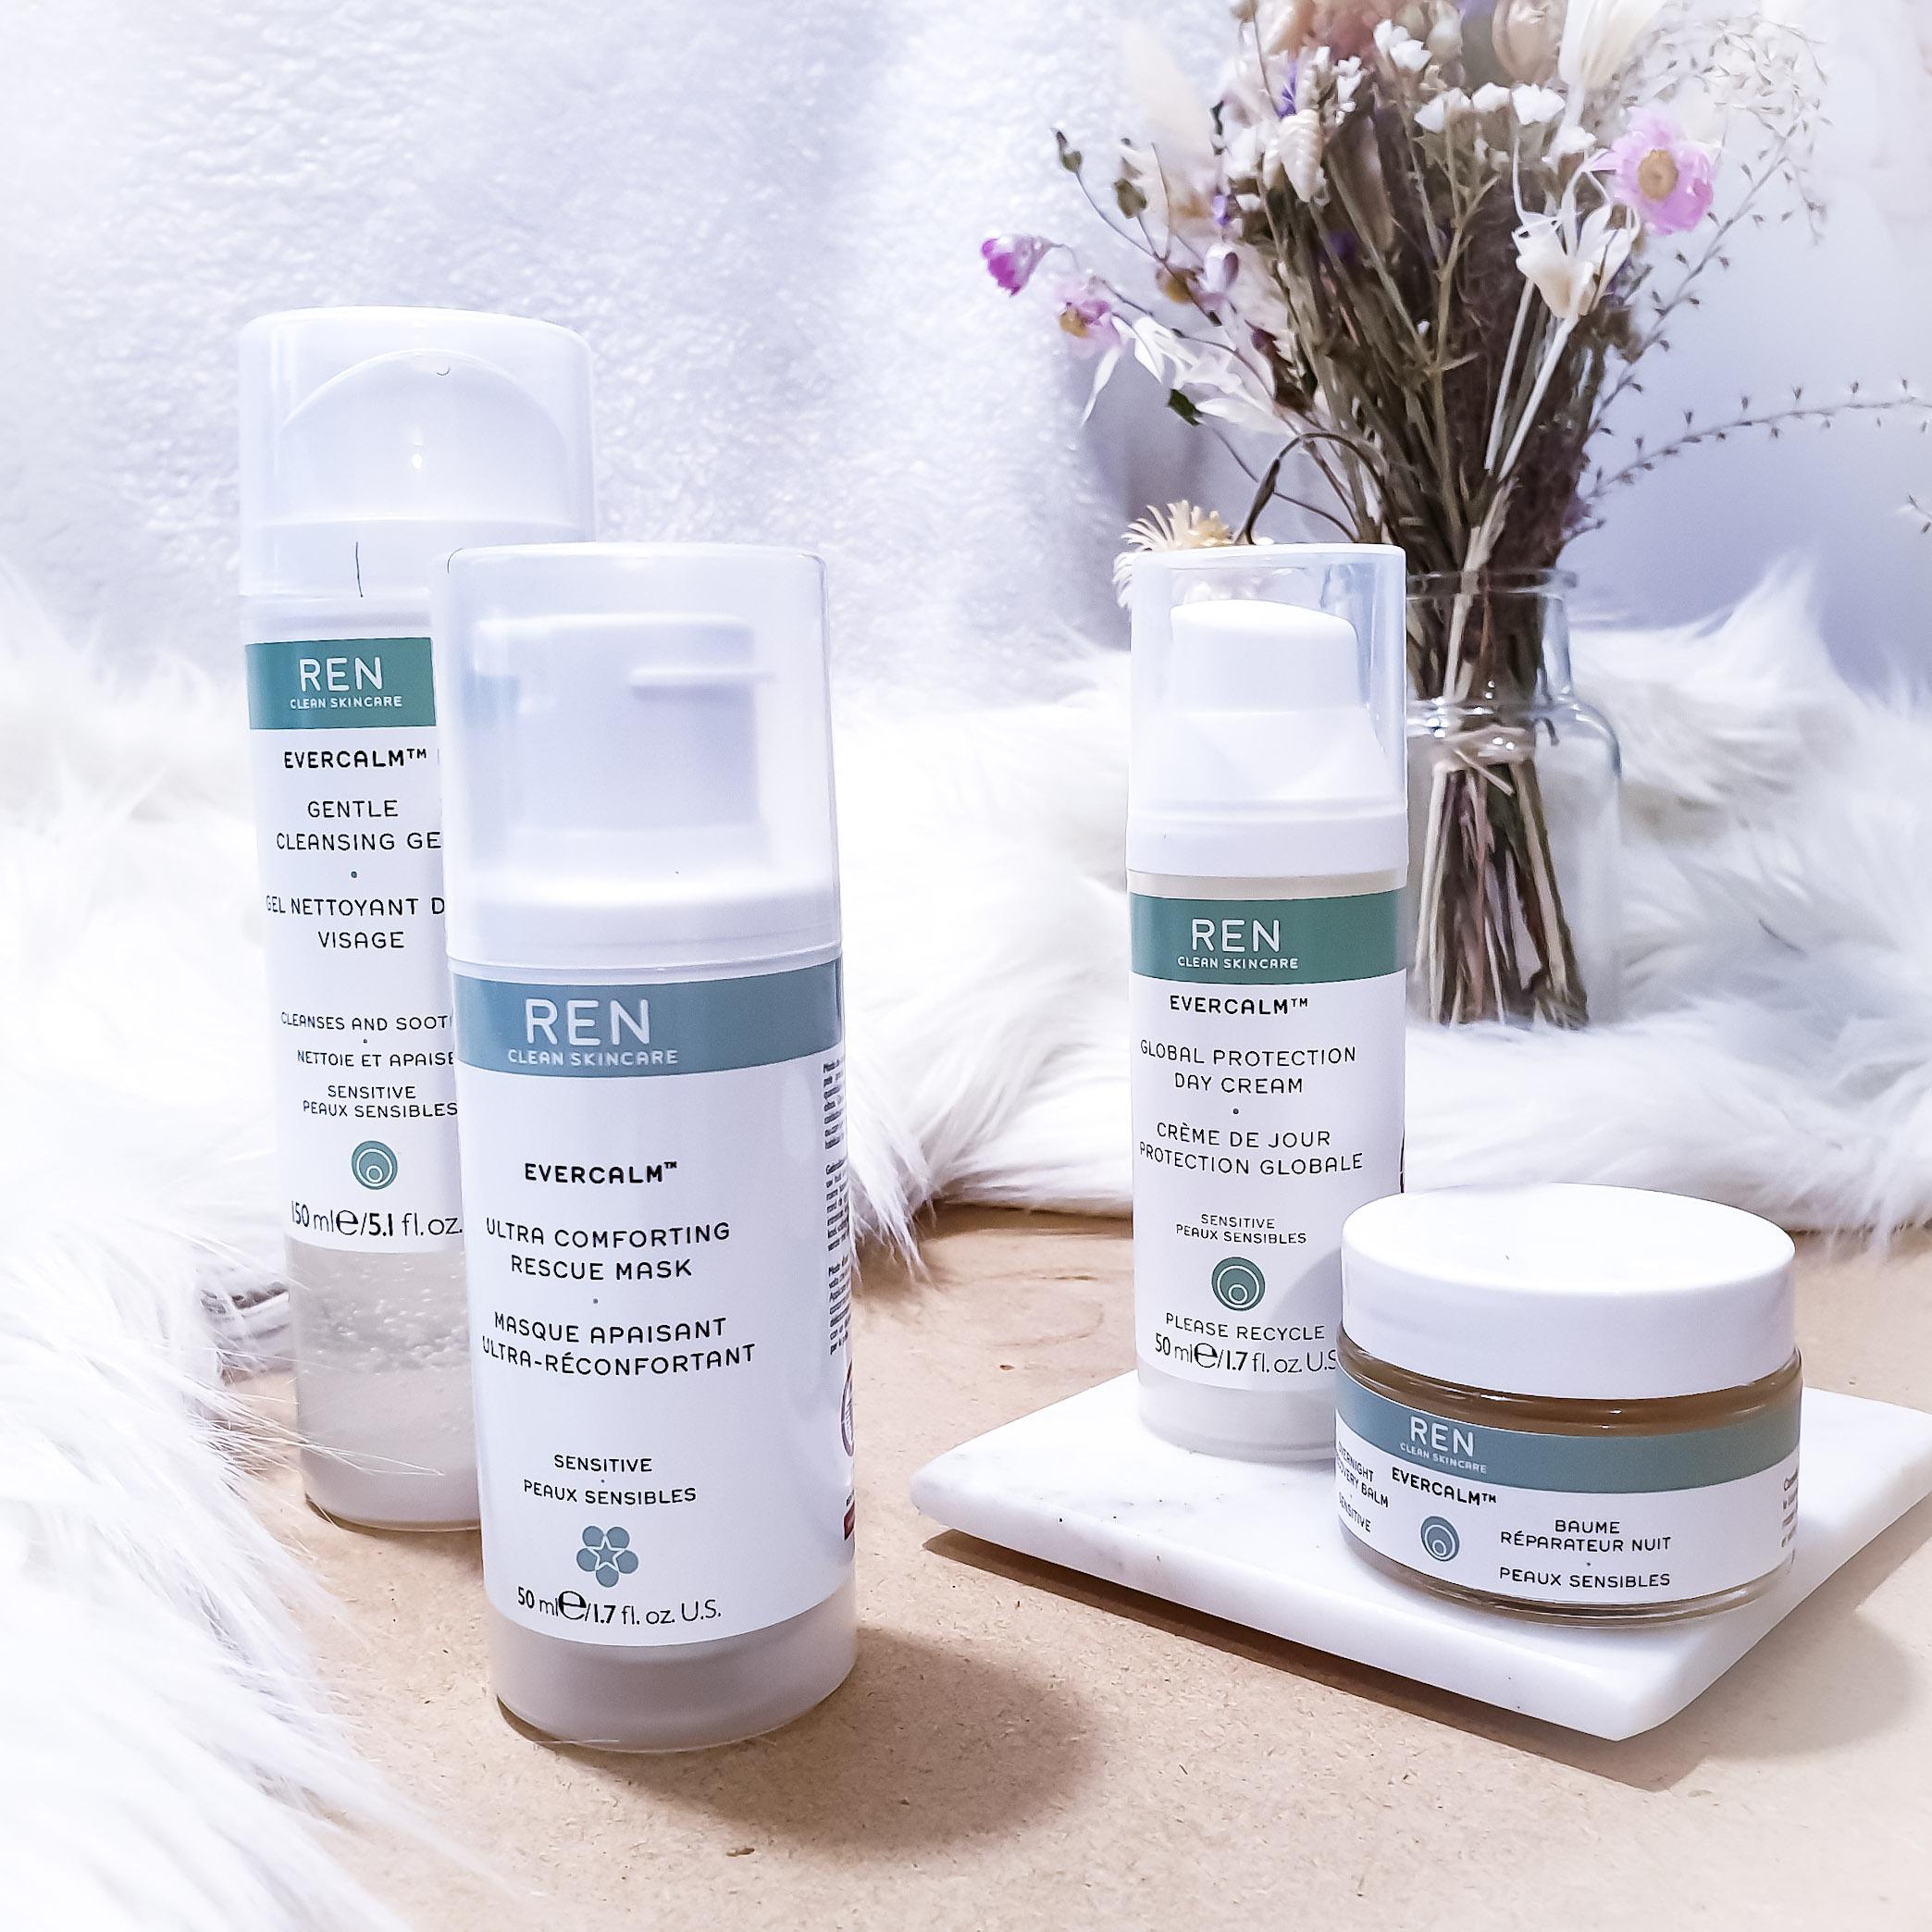 Test et avis - REN Skincare : La gamme Evercalm pour peau sensible